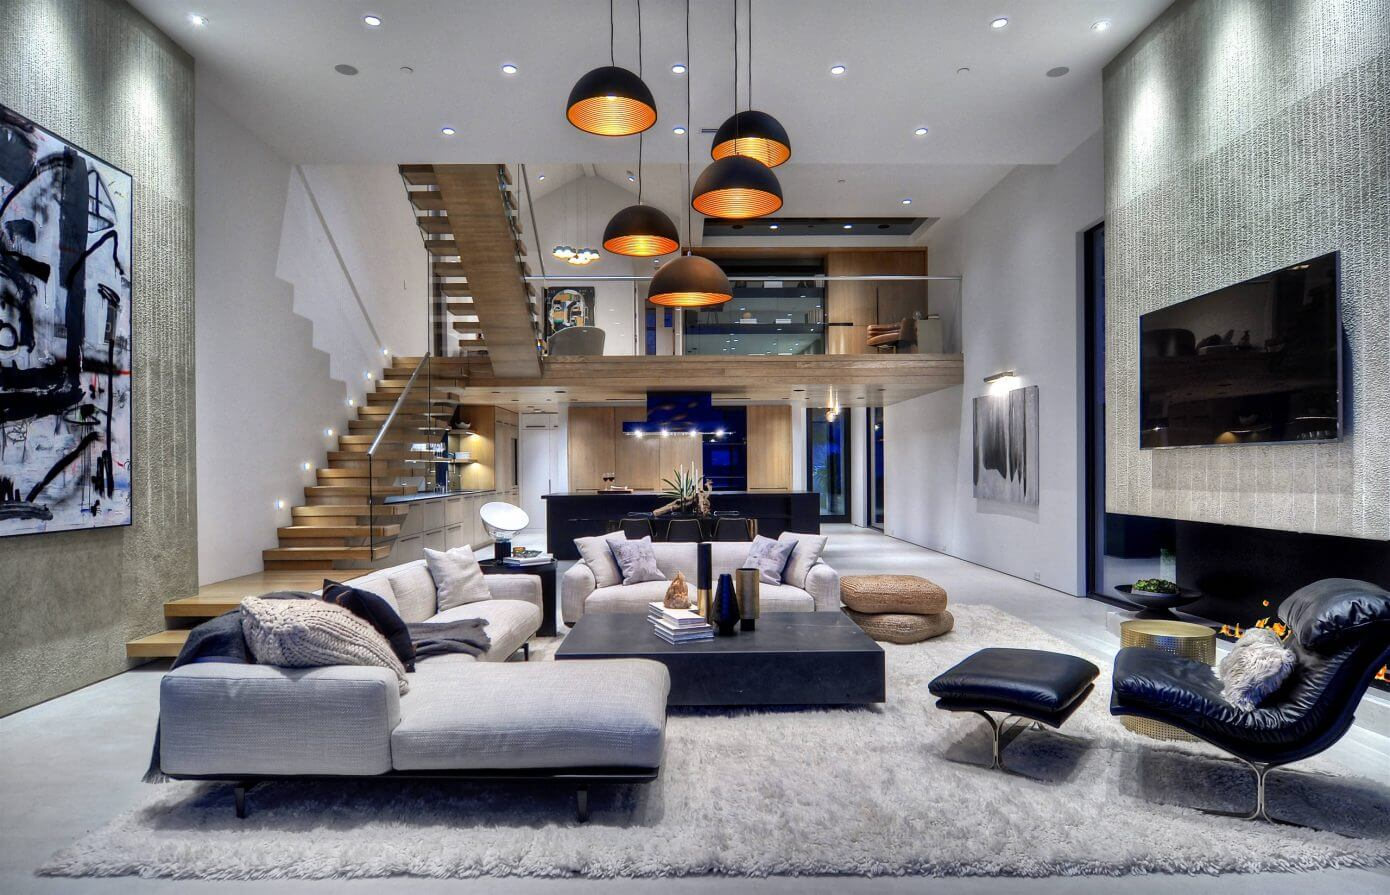 Capistrano beach house by brandon architects homeadore for Piani di casa di campagna 1500 sq ft